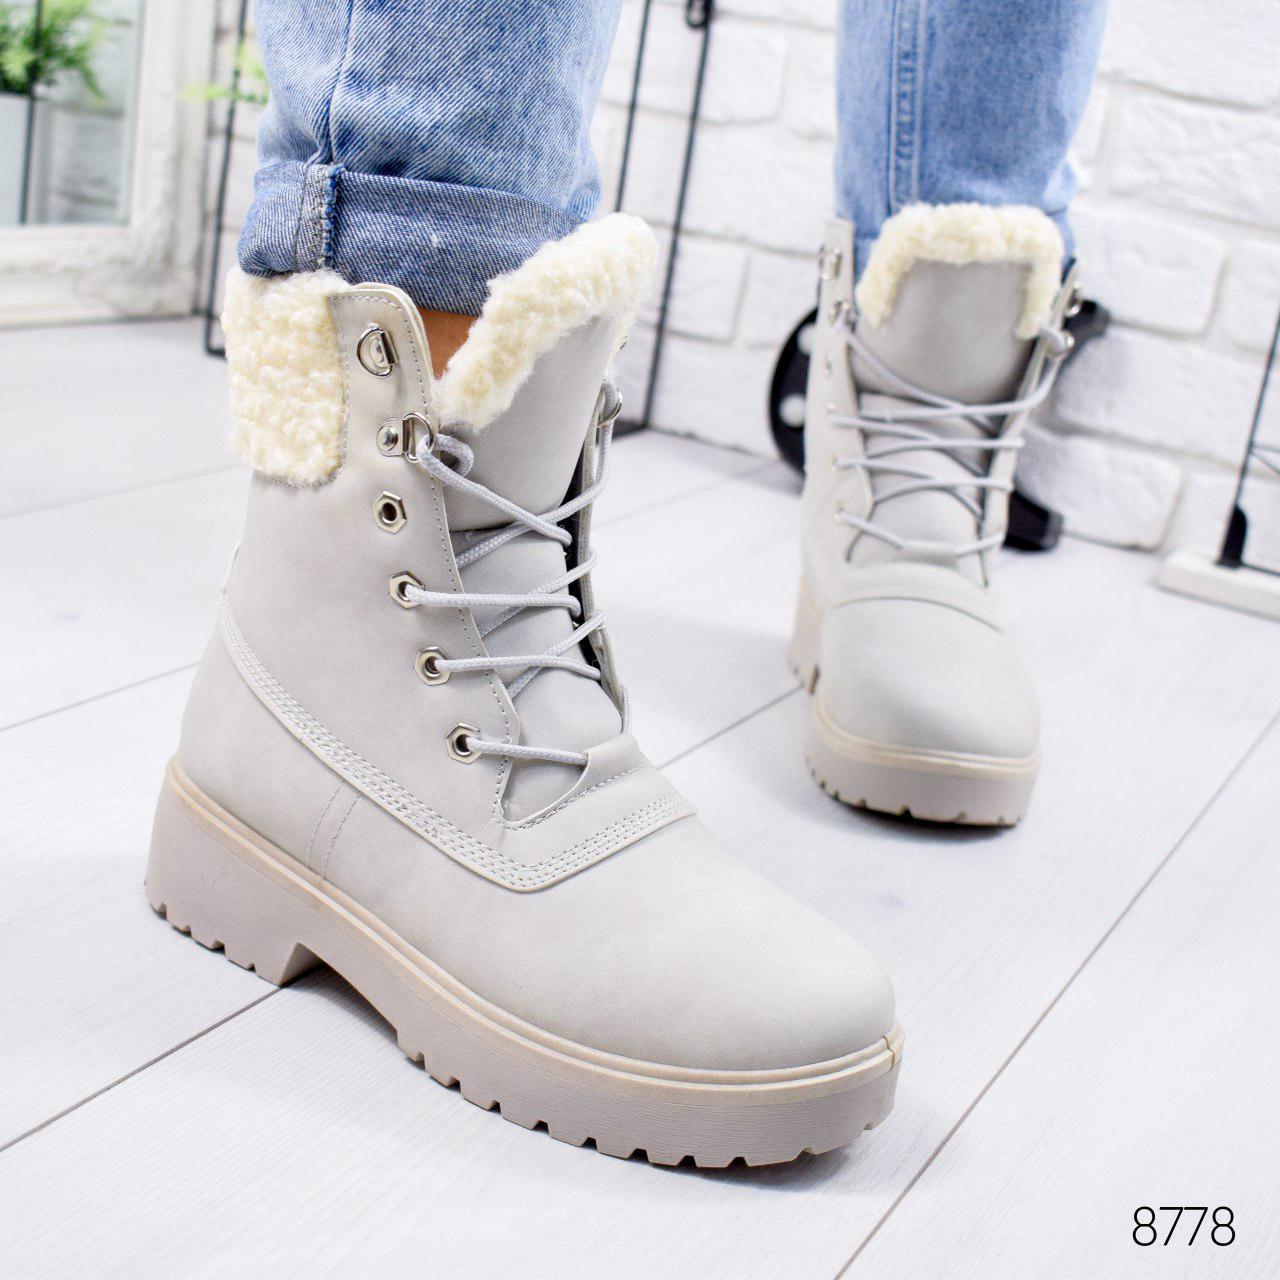 Ботинки женские зимние, серого цвета из эко нубука 8778. Черевики жіночі. Ботинки зима